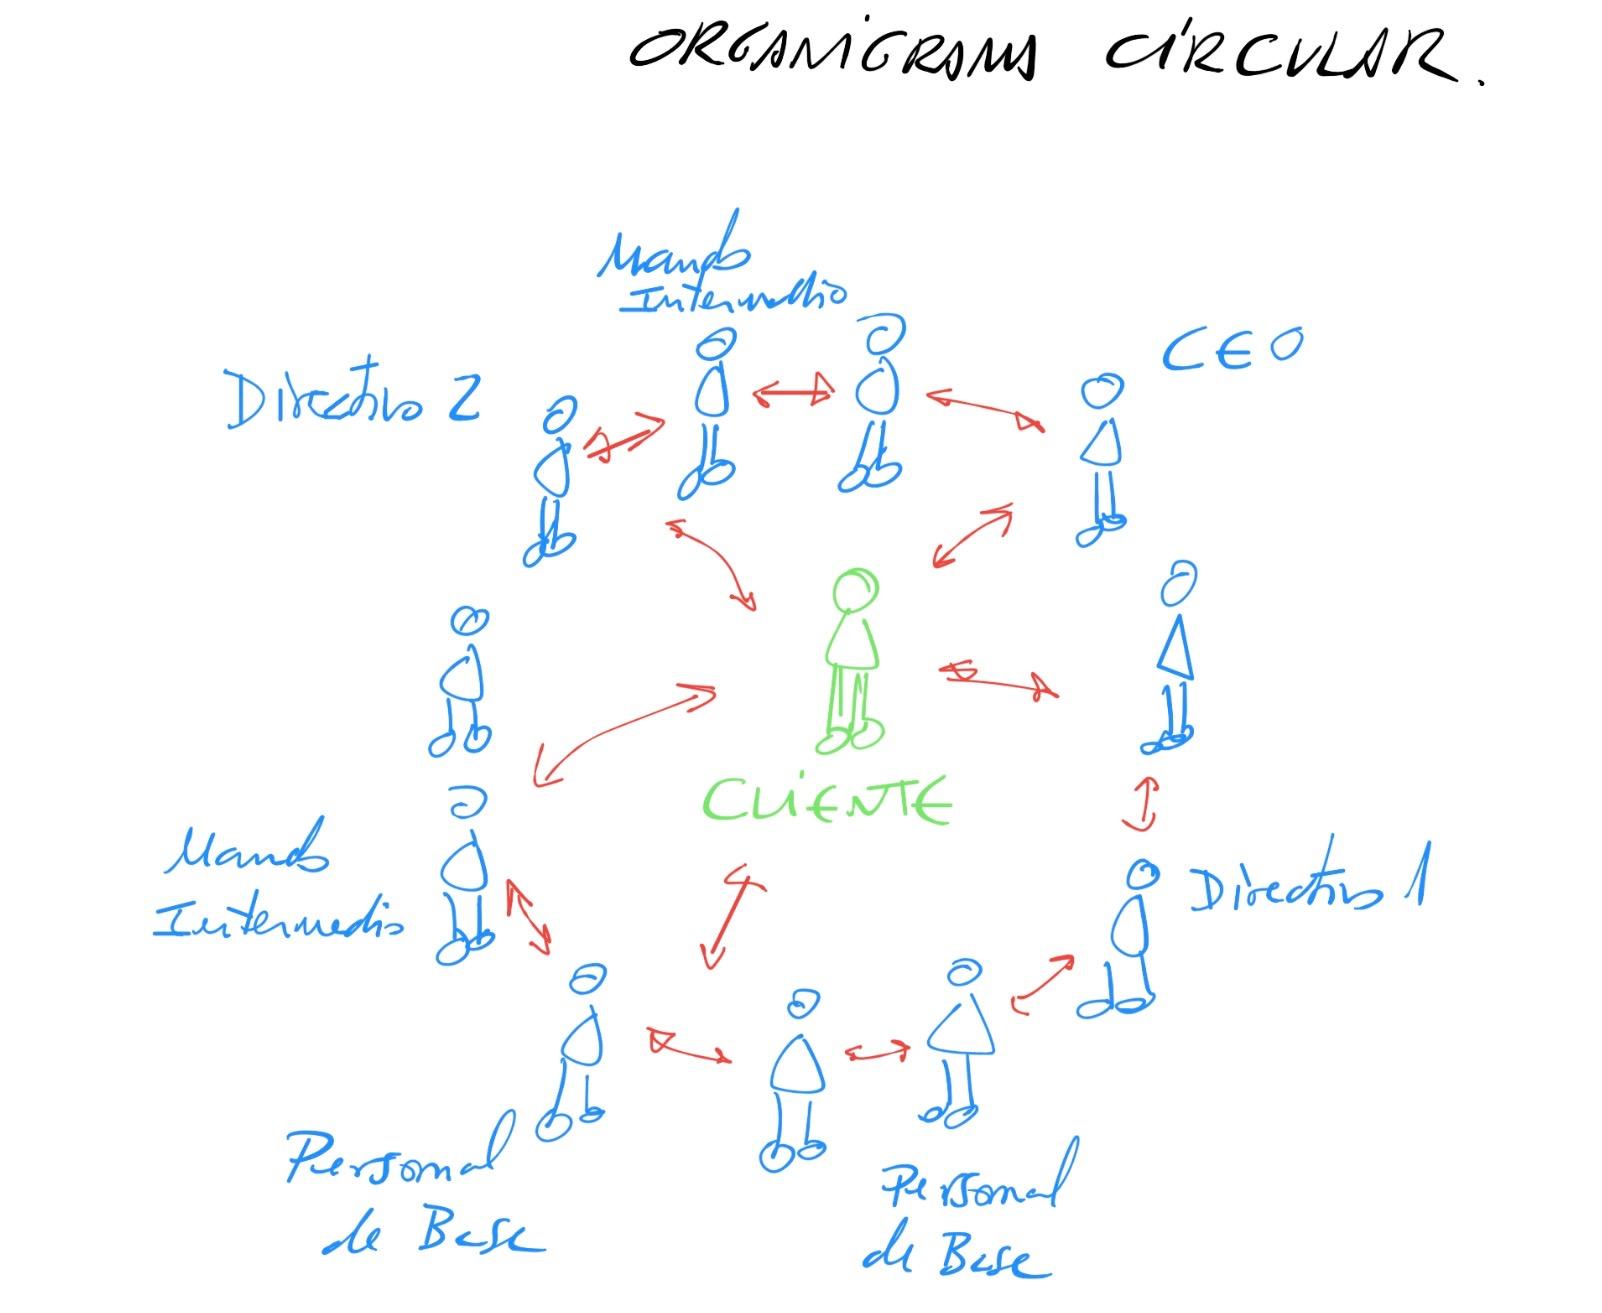 organigrama circular